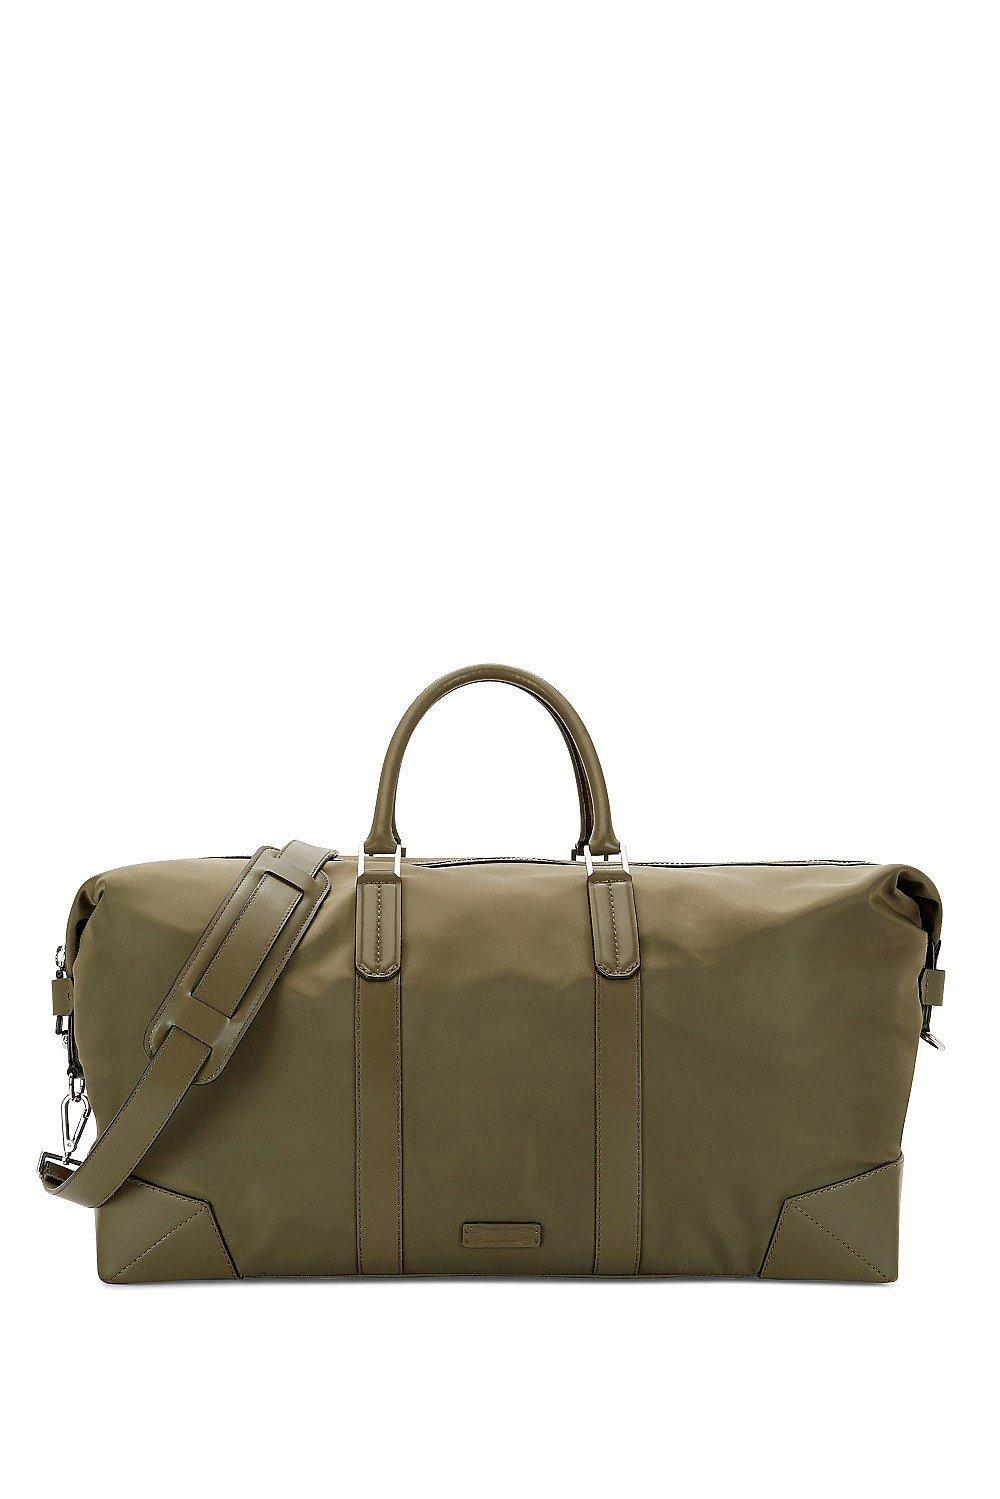 Ben Minkoff Weekend Bag